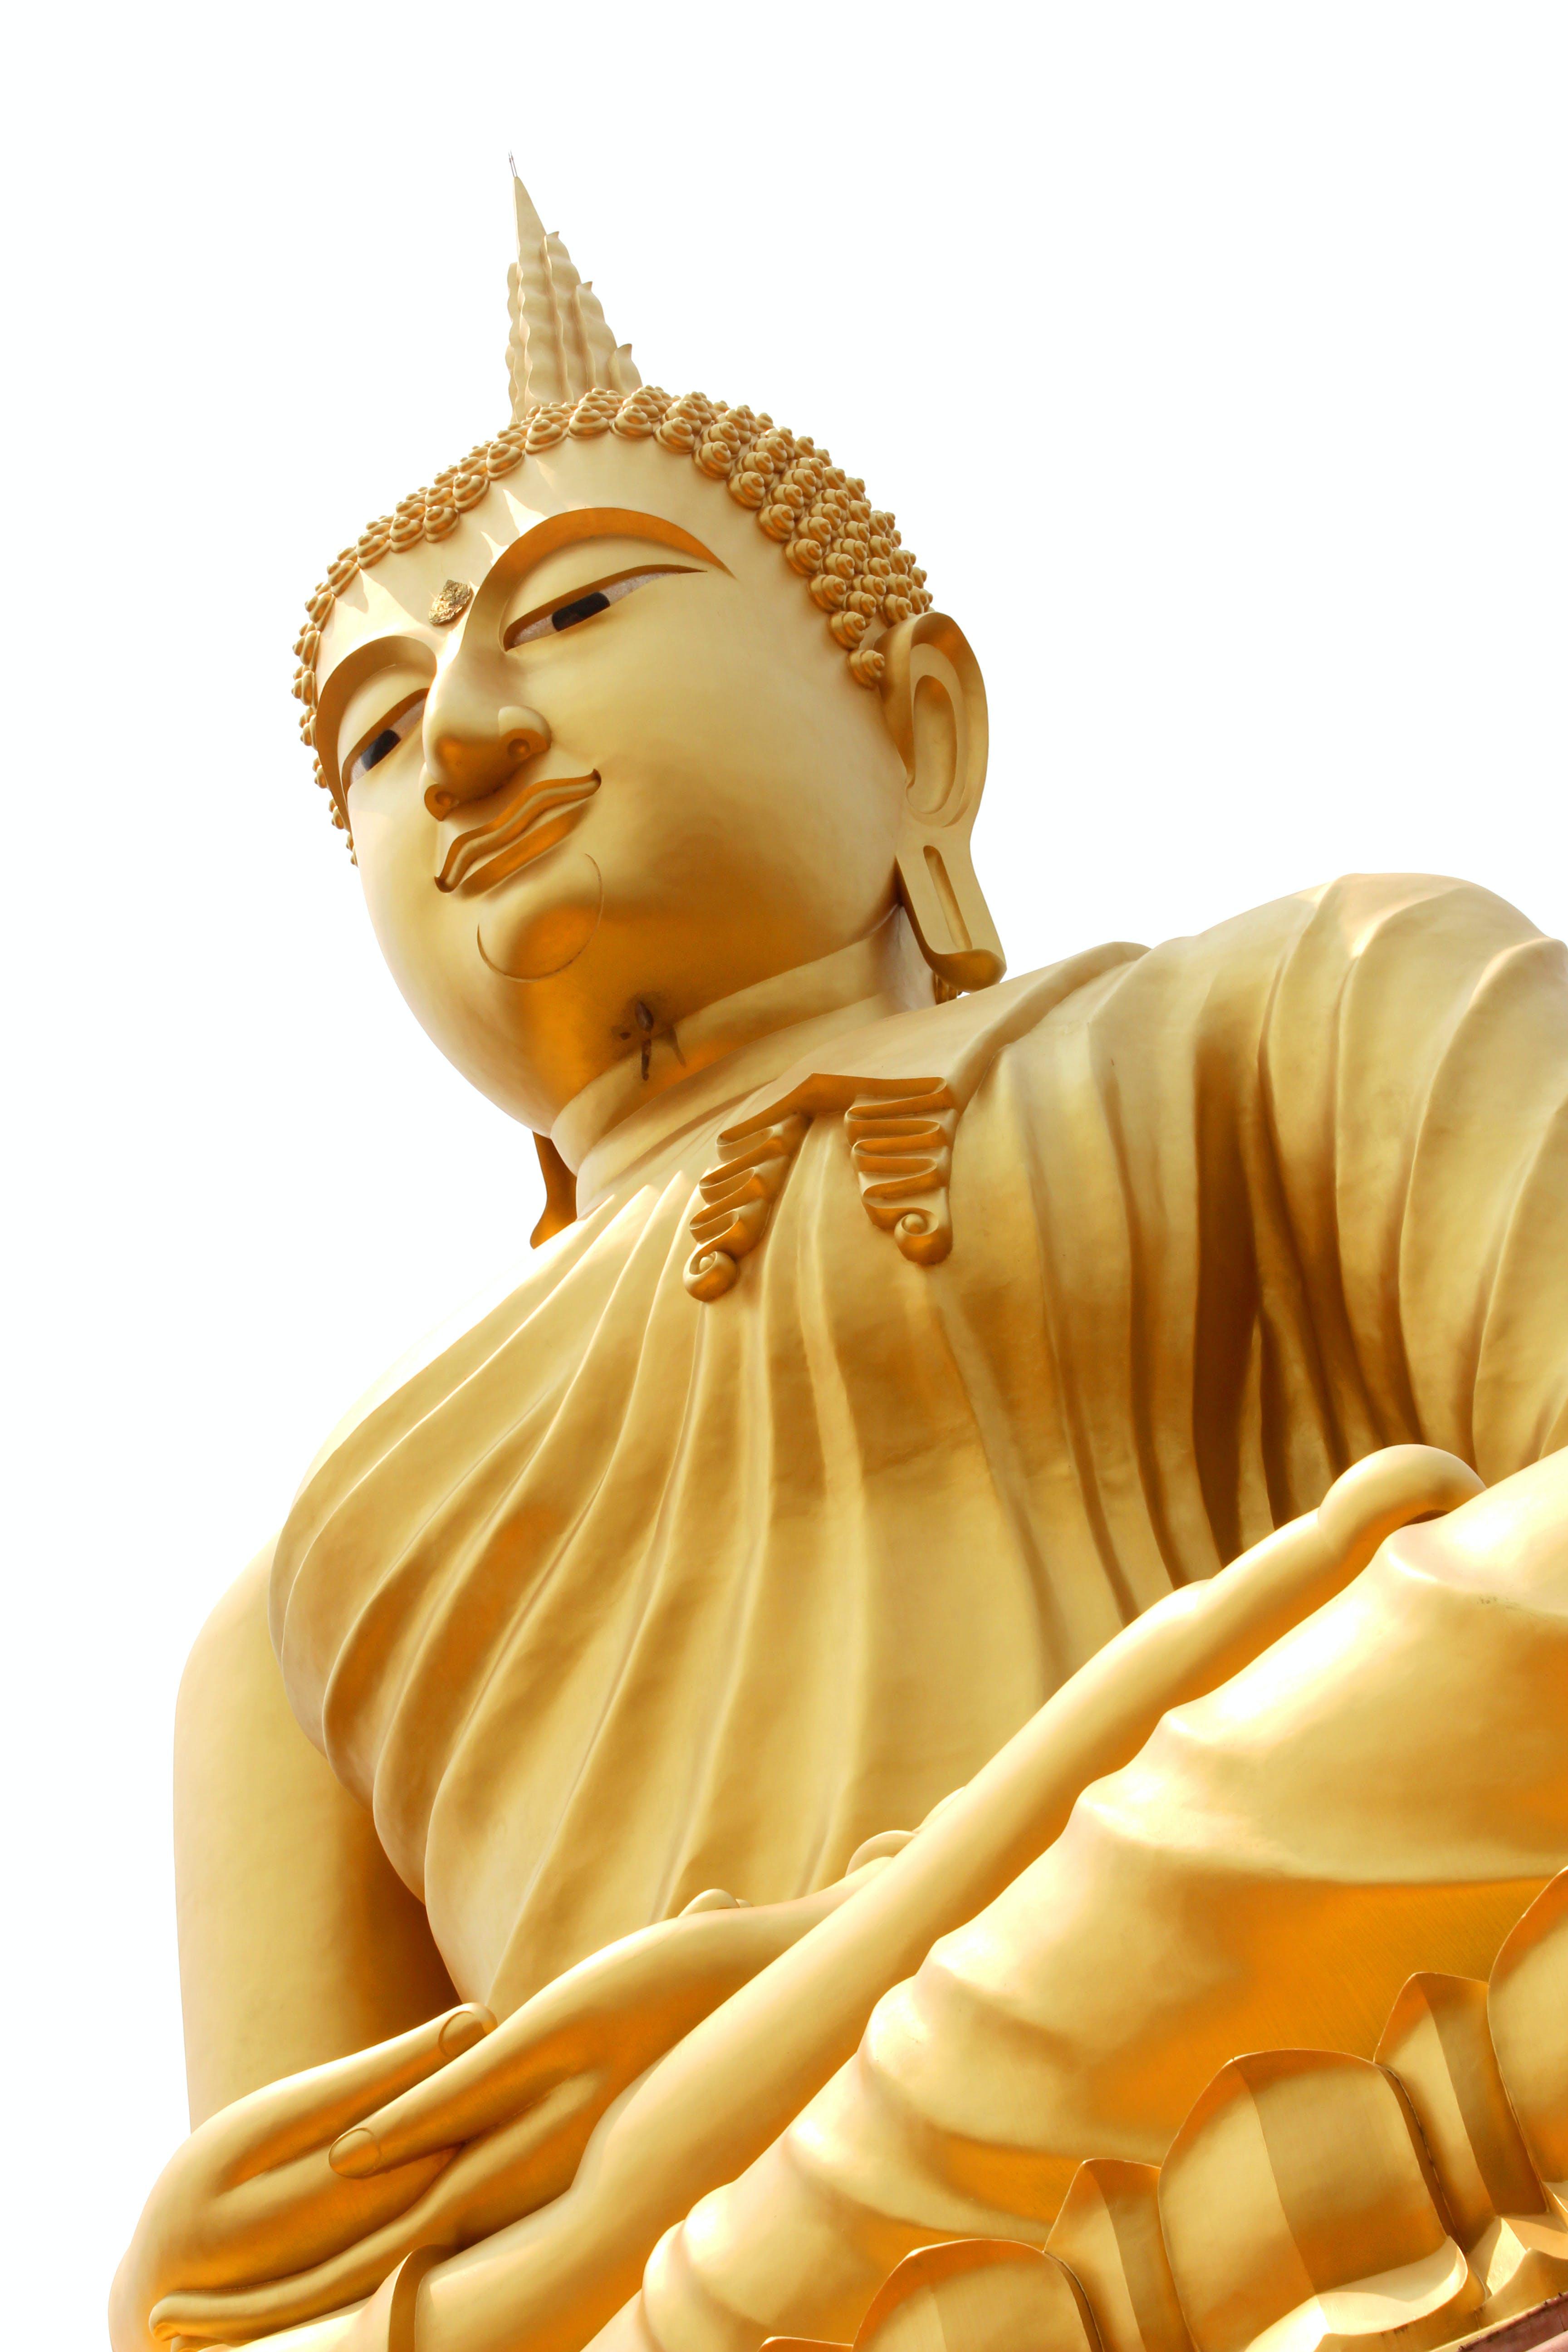 Kostenloses Stock Foto zu anbetung, bekannt, buddha, buddhismus